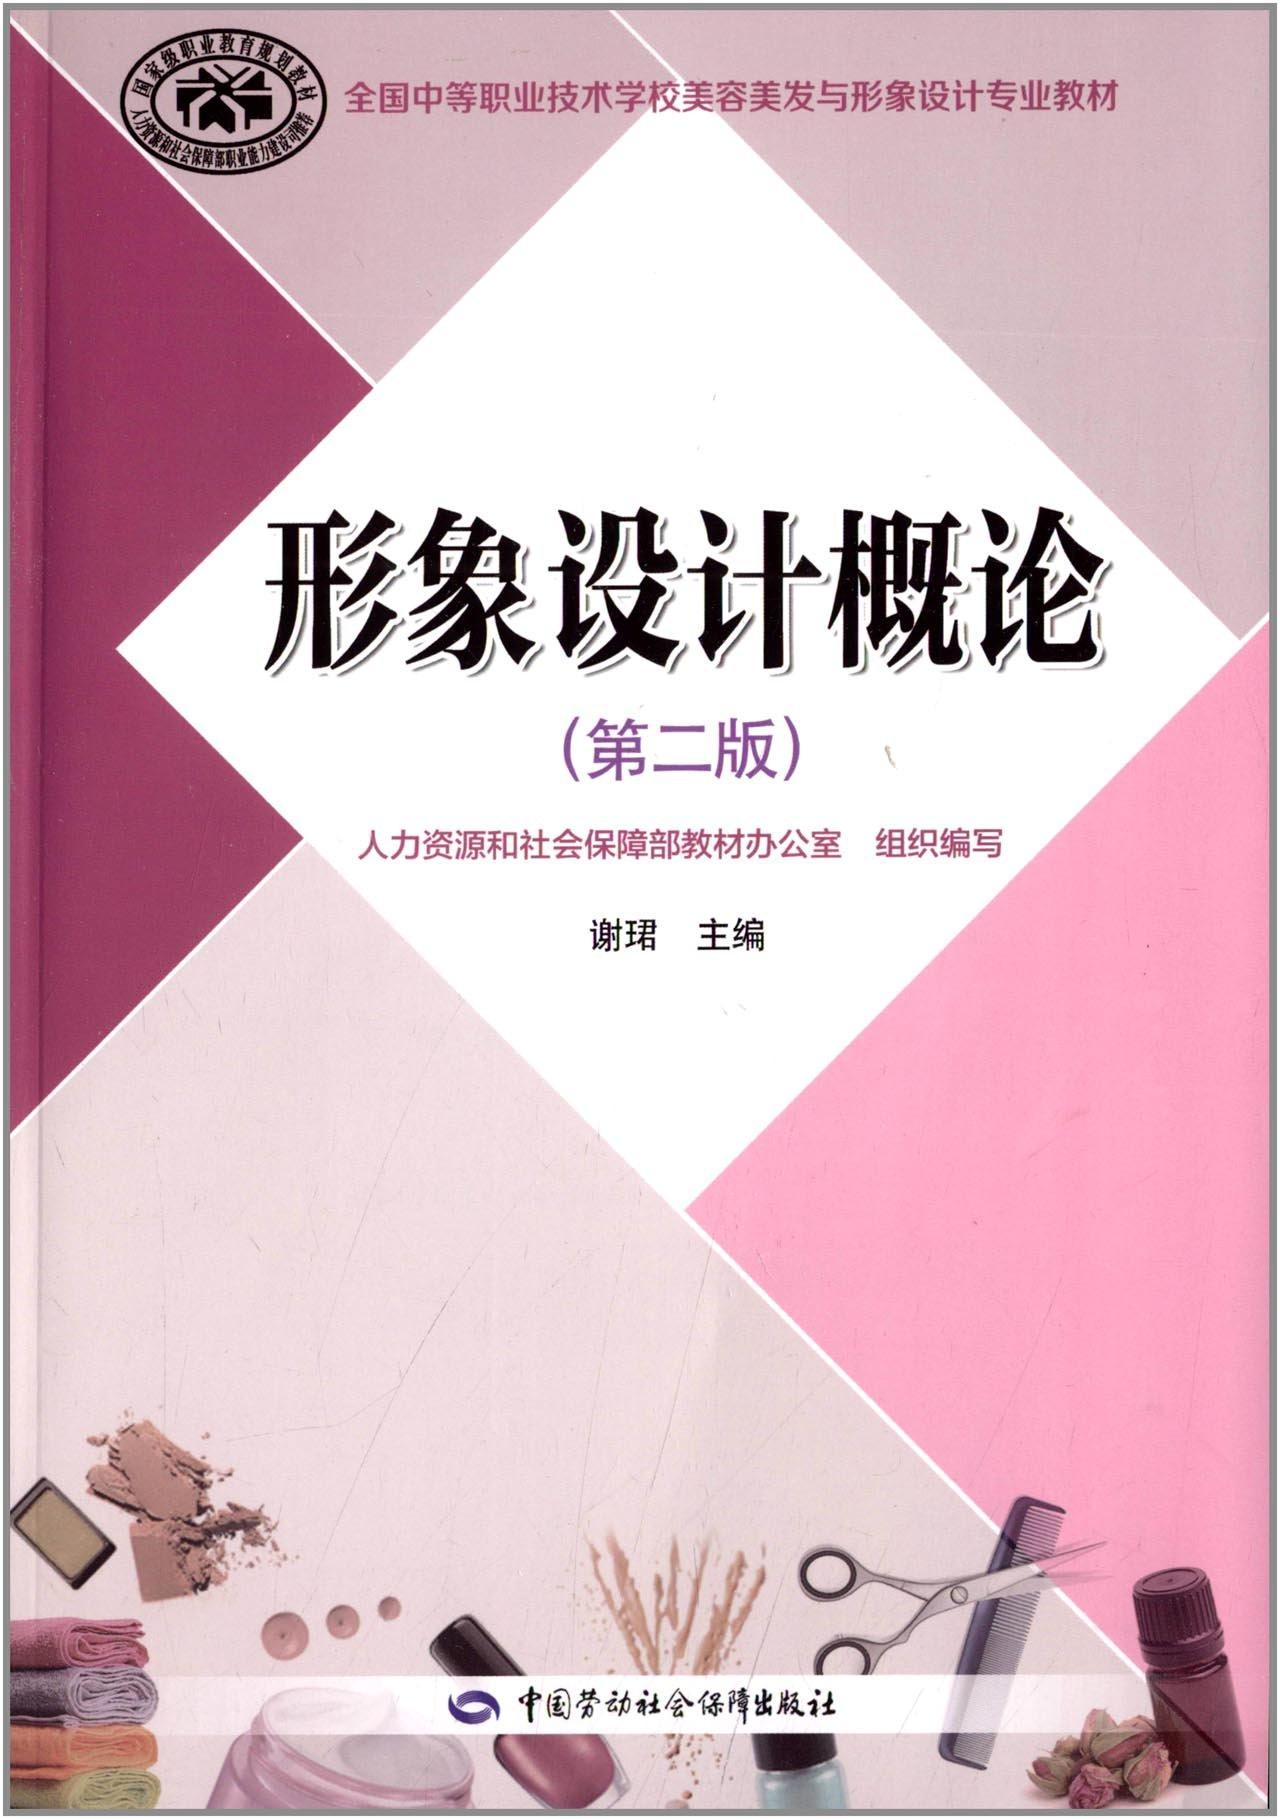 形象设计概论(第二版) 第2版 谢珺 中国劳动社会保障出版社 全国中等职业技术学校美容美发与形象设计专业教材